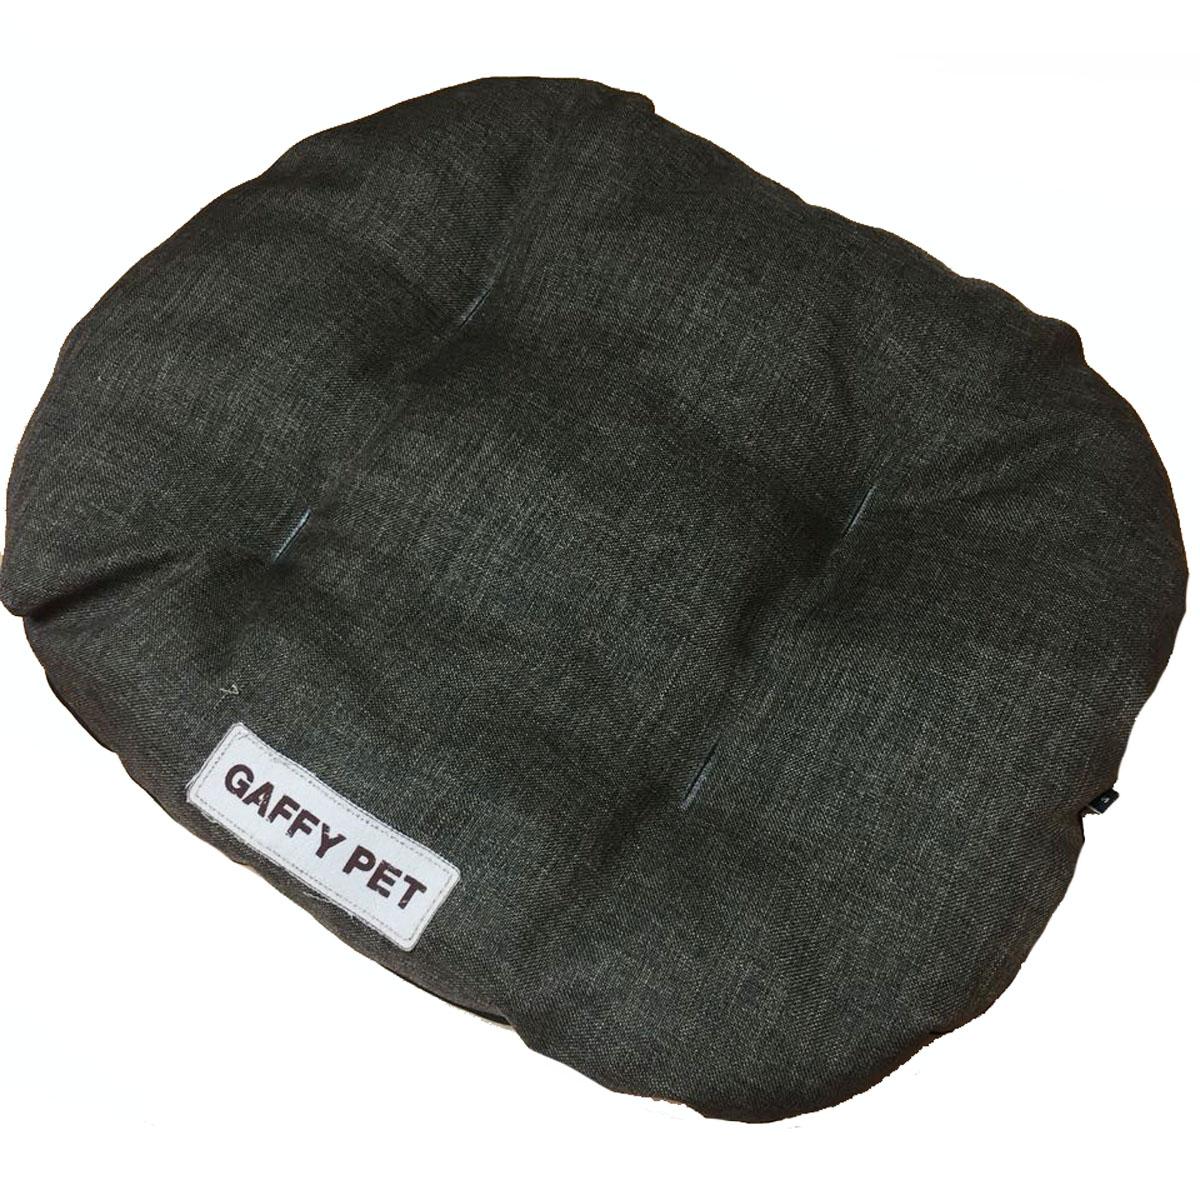 Подушка для животных Gaffy Pet Choco, 100 х 65 см11087LКоллекция подушек благородных цветов, уместных в любом интерьере. Красивые цвета, разныеразмеры. Классическая форма, удобна для перемещения и в поездках. Прочная, не истирается,подвергается любой чистке.